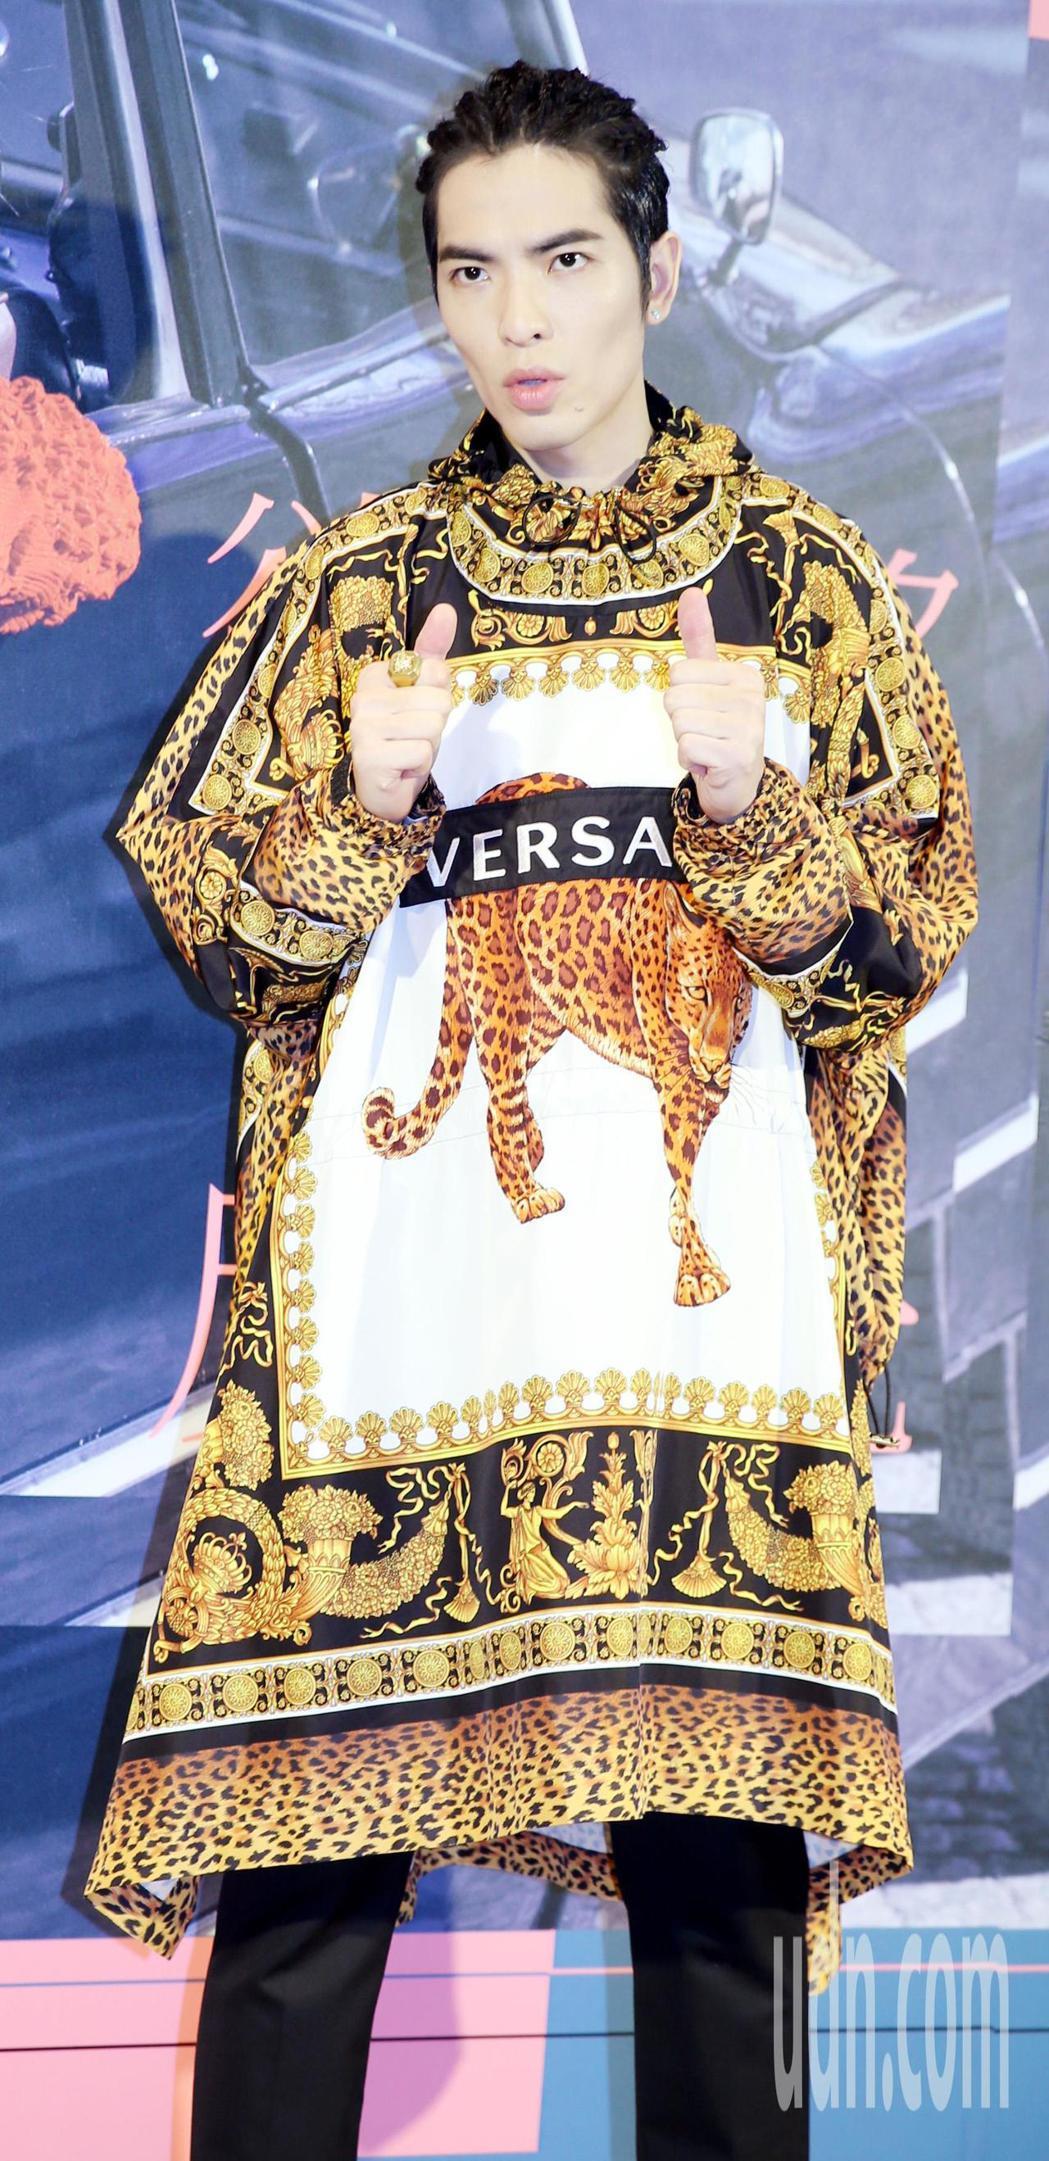 發行新專輯的蕭敬騰昨舉辦「讓騰為你唱情歌」粉絲見面會 。記者侯永全/攝影